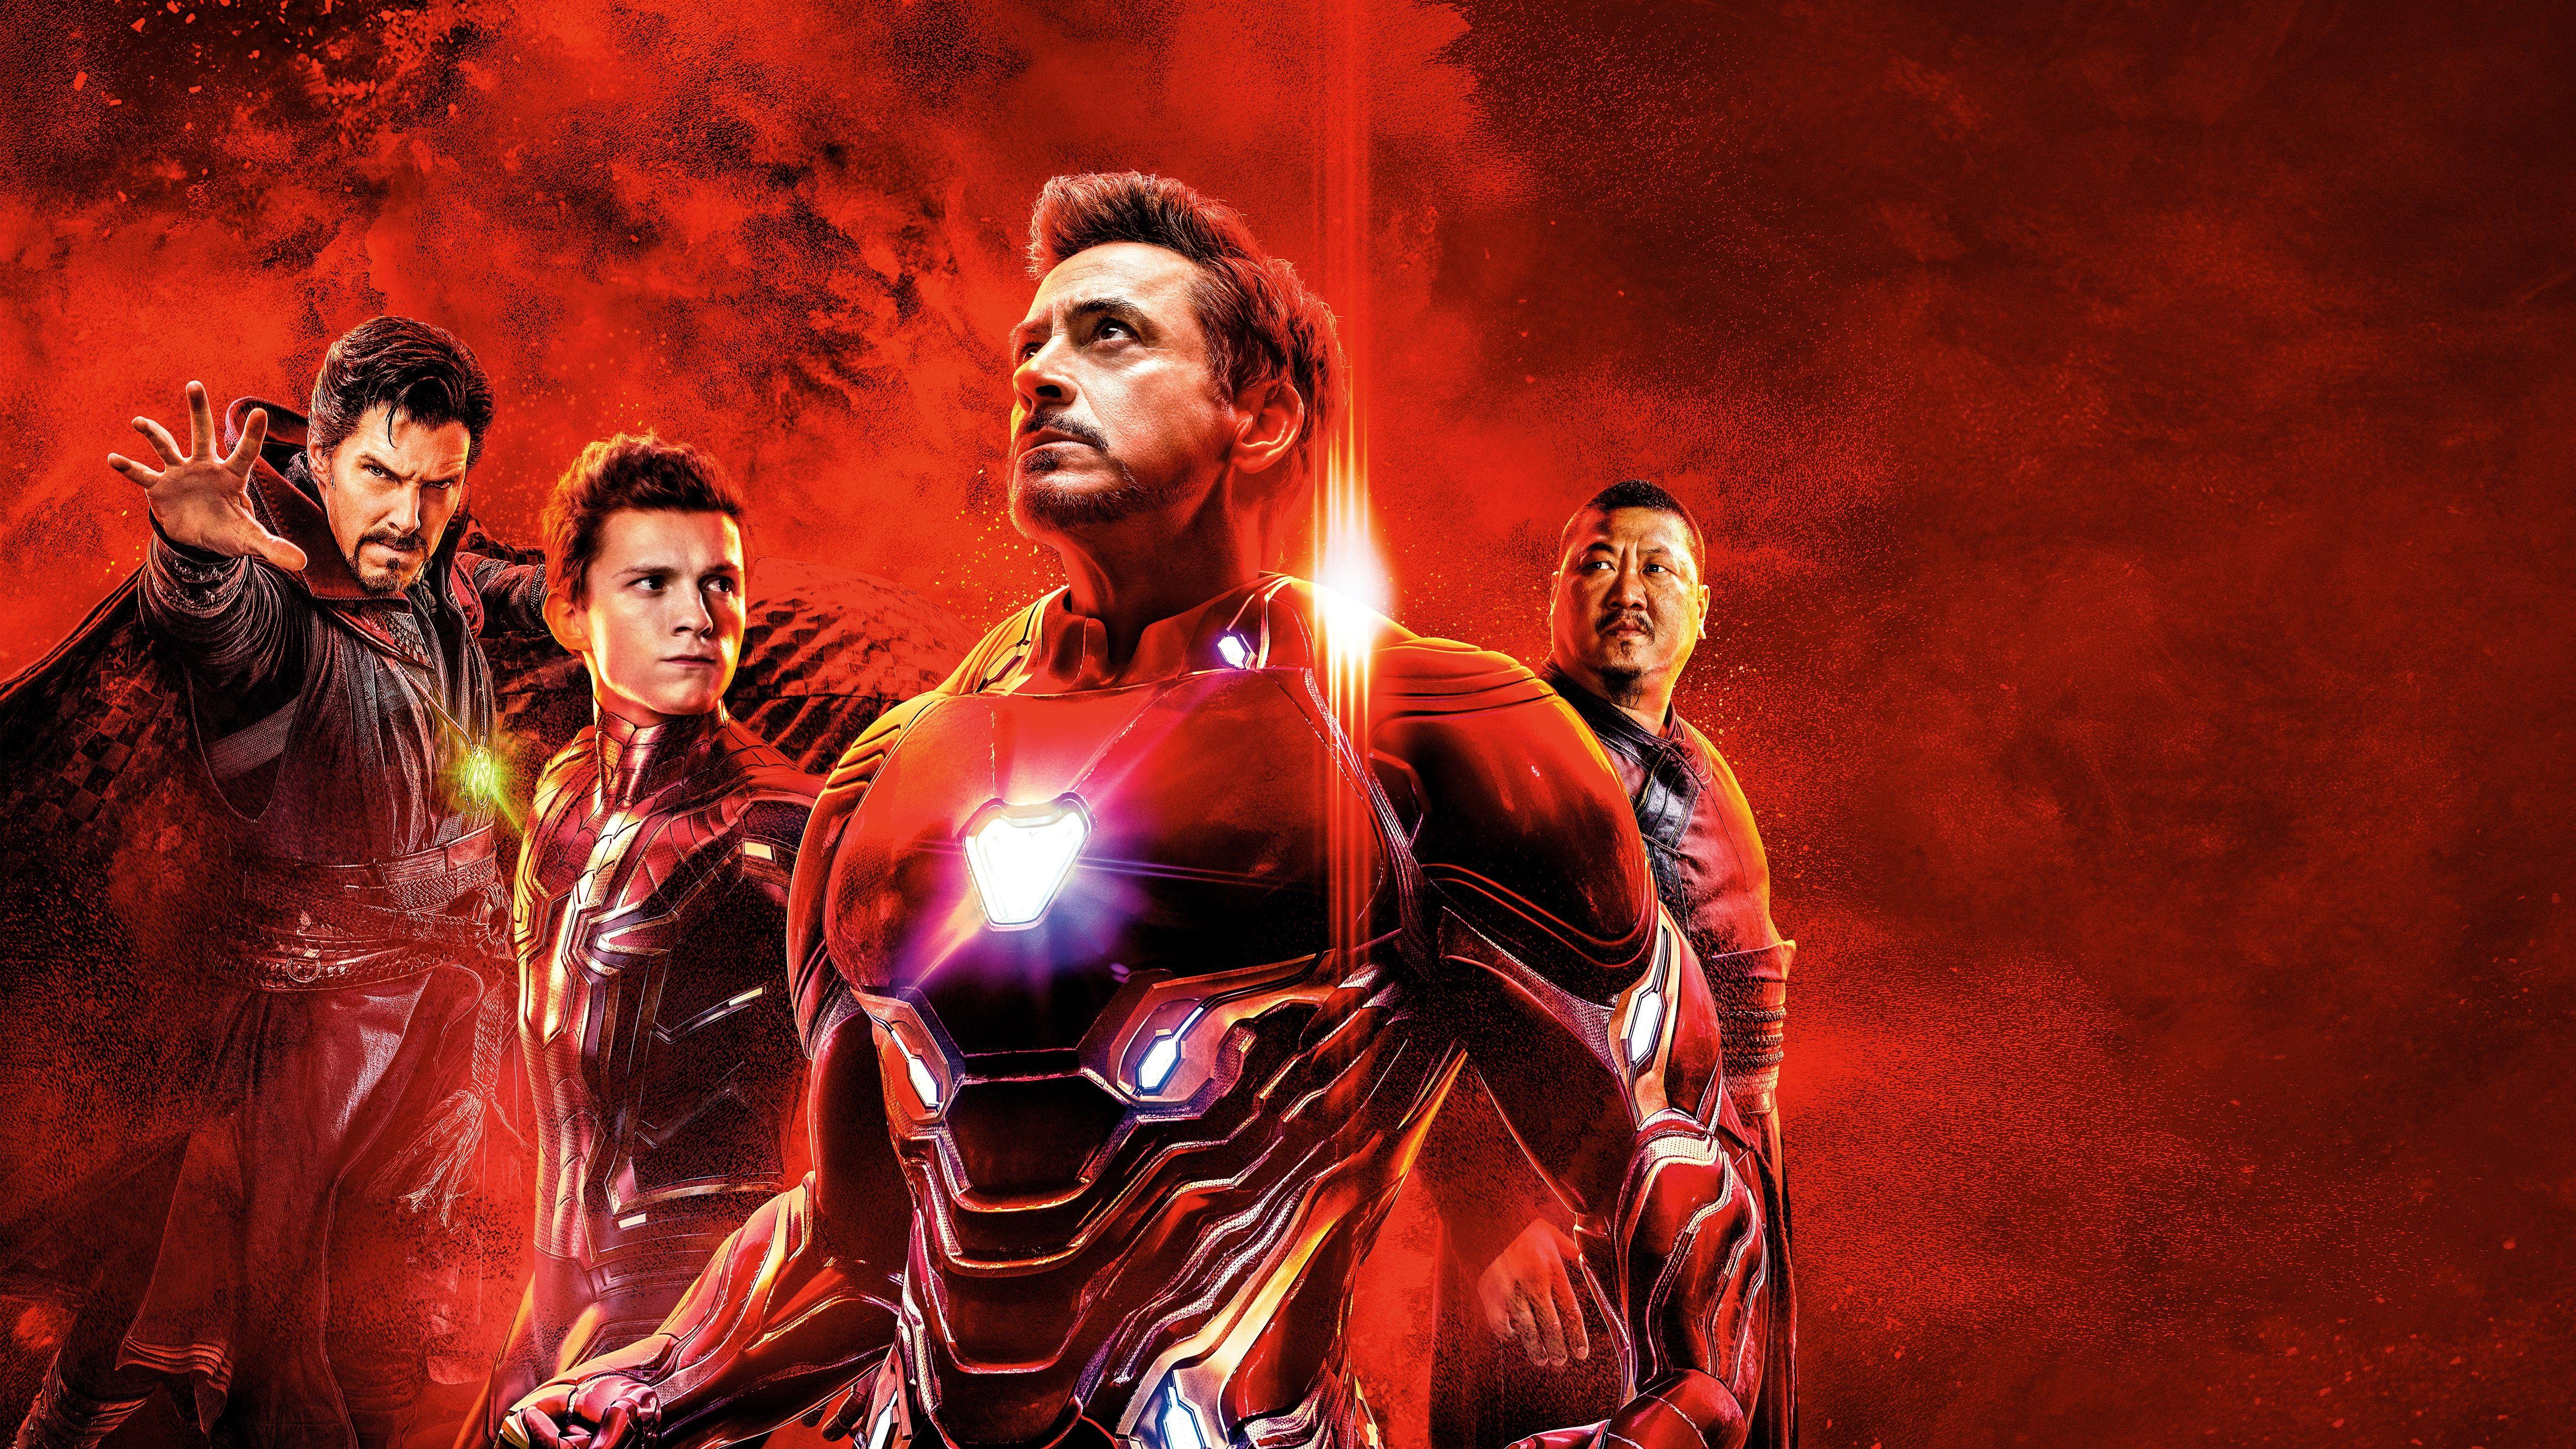 Tony Stark Scarlett Johansson Action Fantasy Superheroes